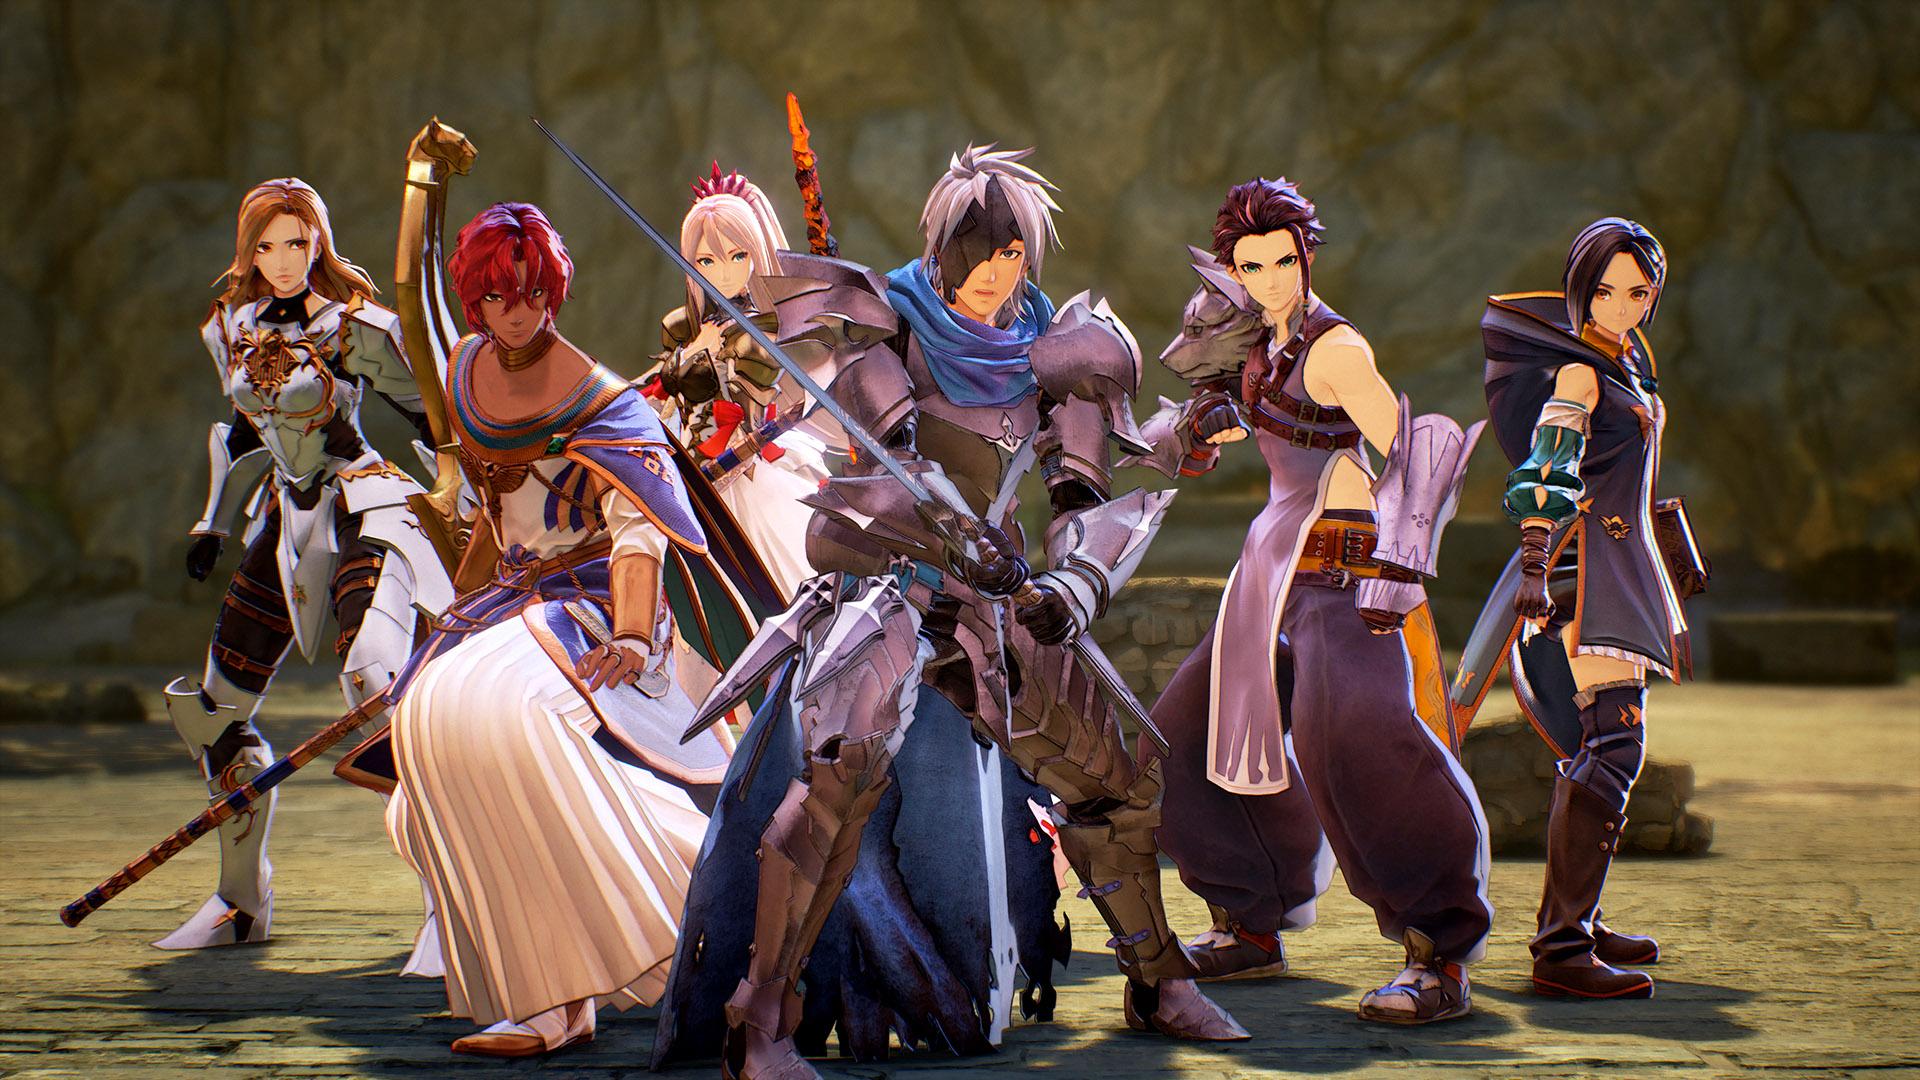 Tales of Arise koko kööri koossa all characters